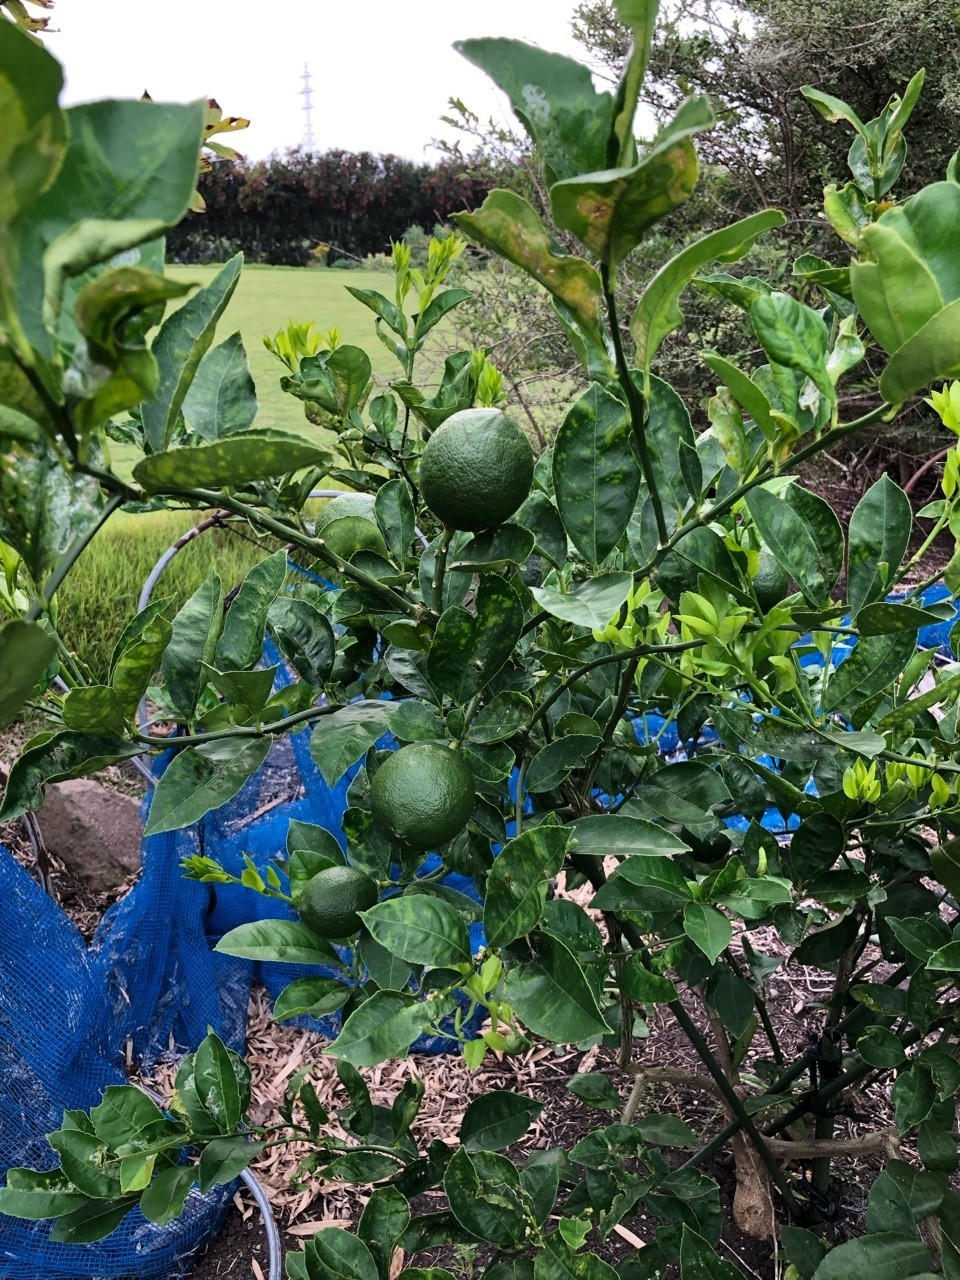 レモンの実がなってました。 収穫が楽しみです。